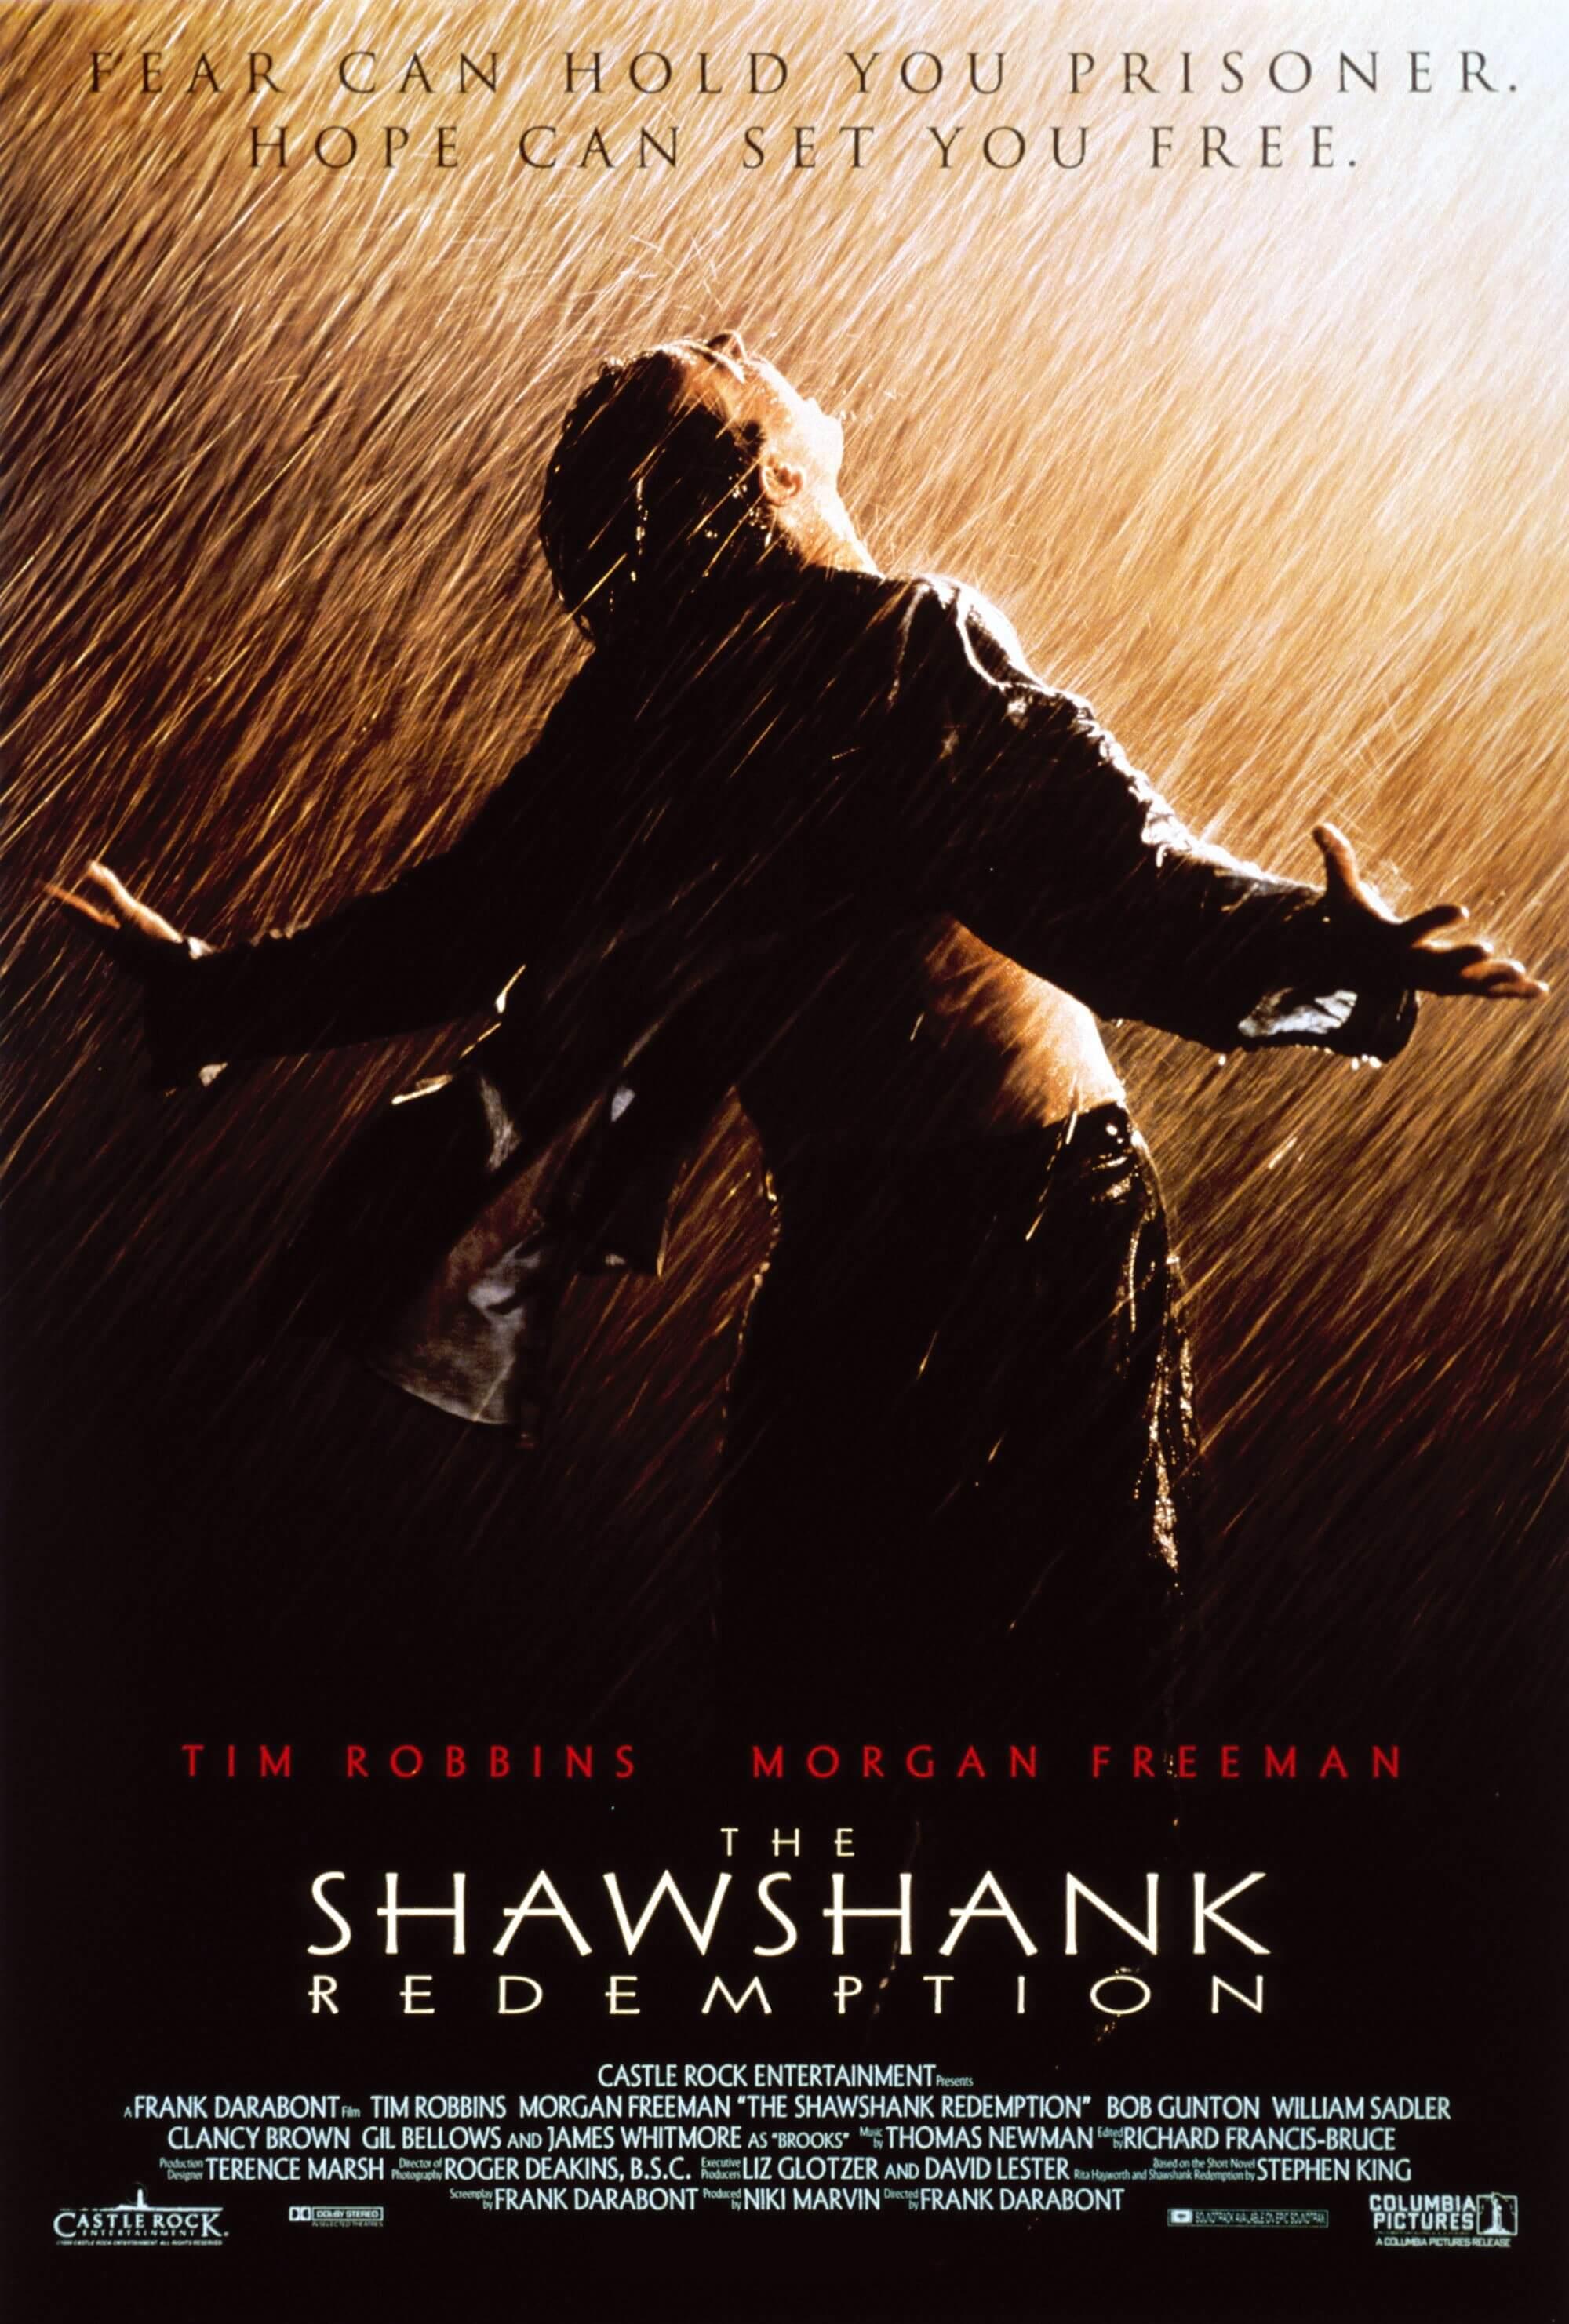 THE_SHAWSHANK_REDEMPTION_POSTER